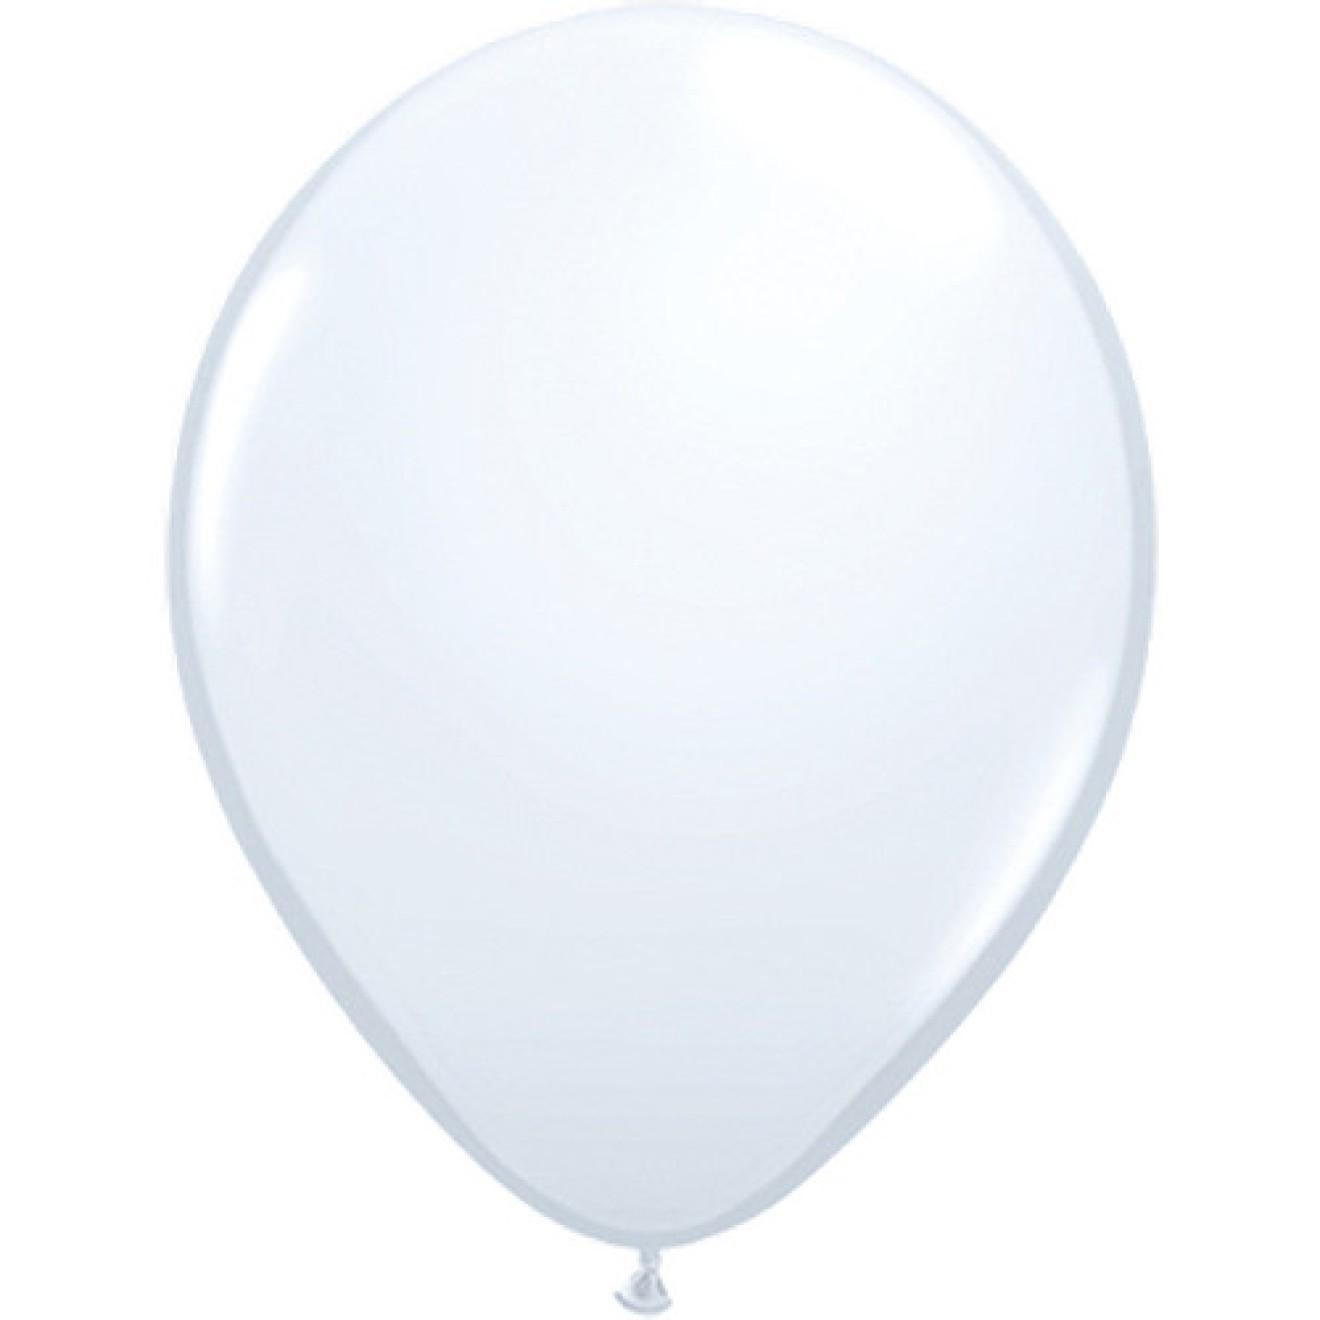 verpackungsballon geschenkballon alles gute zum geburtstag wei gelb basic. Black Bedroom Furniture Sets. Home Design Ideas